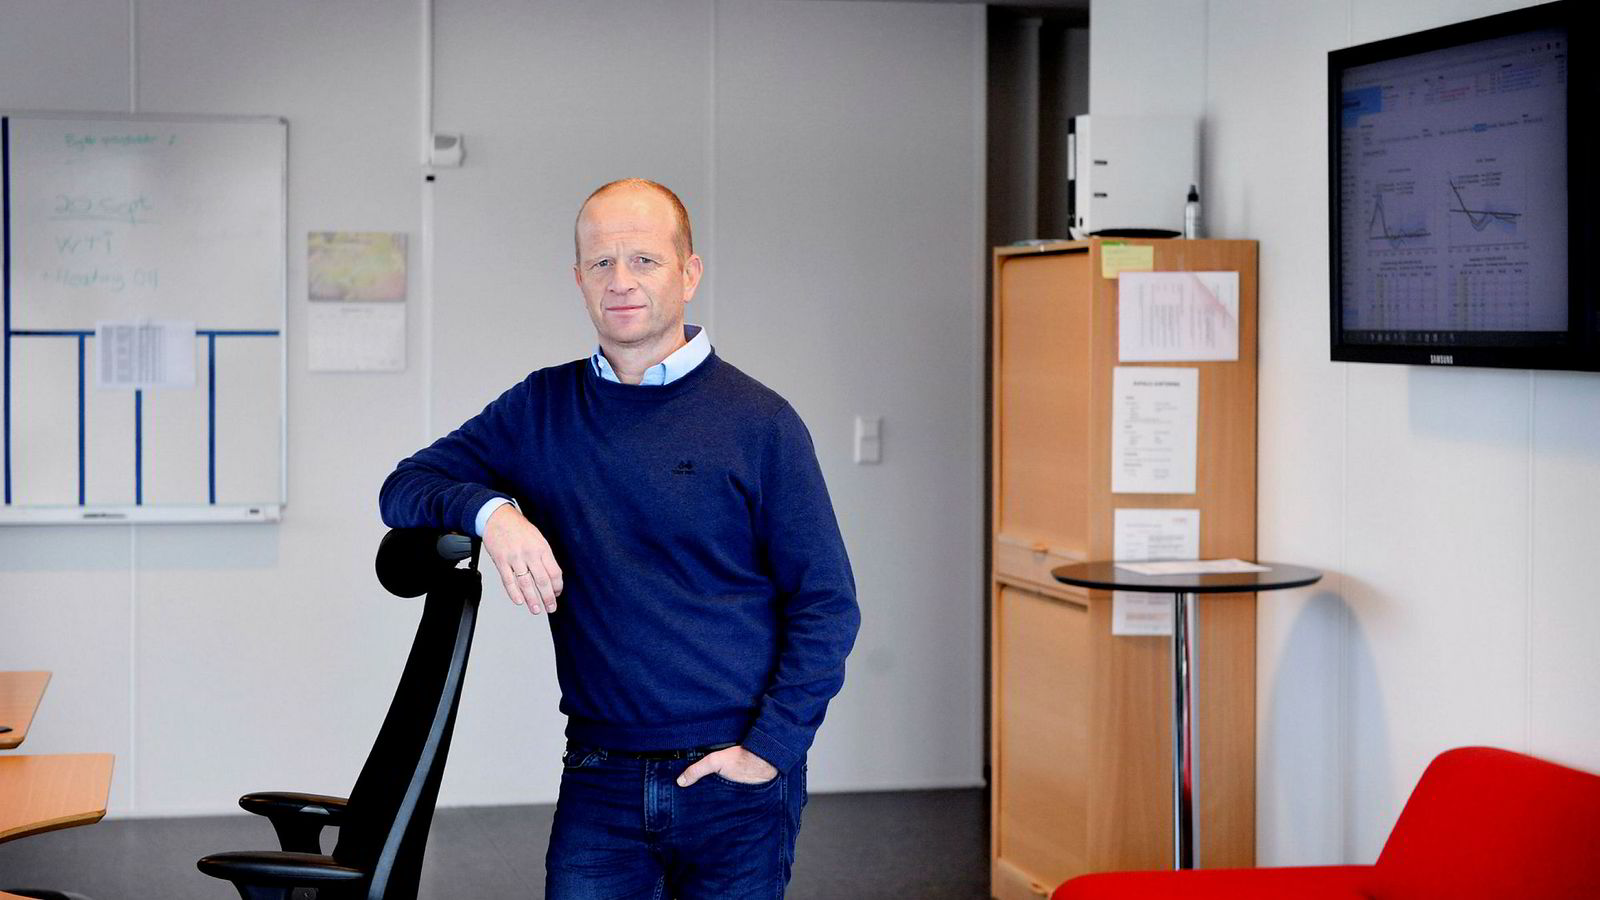 – Vi har nå faktisk tatt en liten posisjon i samme retning som den Einar Aas hadde før han ble tvangssolgt, sier daglig leder Oddgeir Løken i Kirkesundet Kraft.